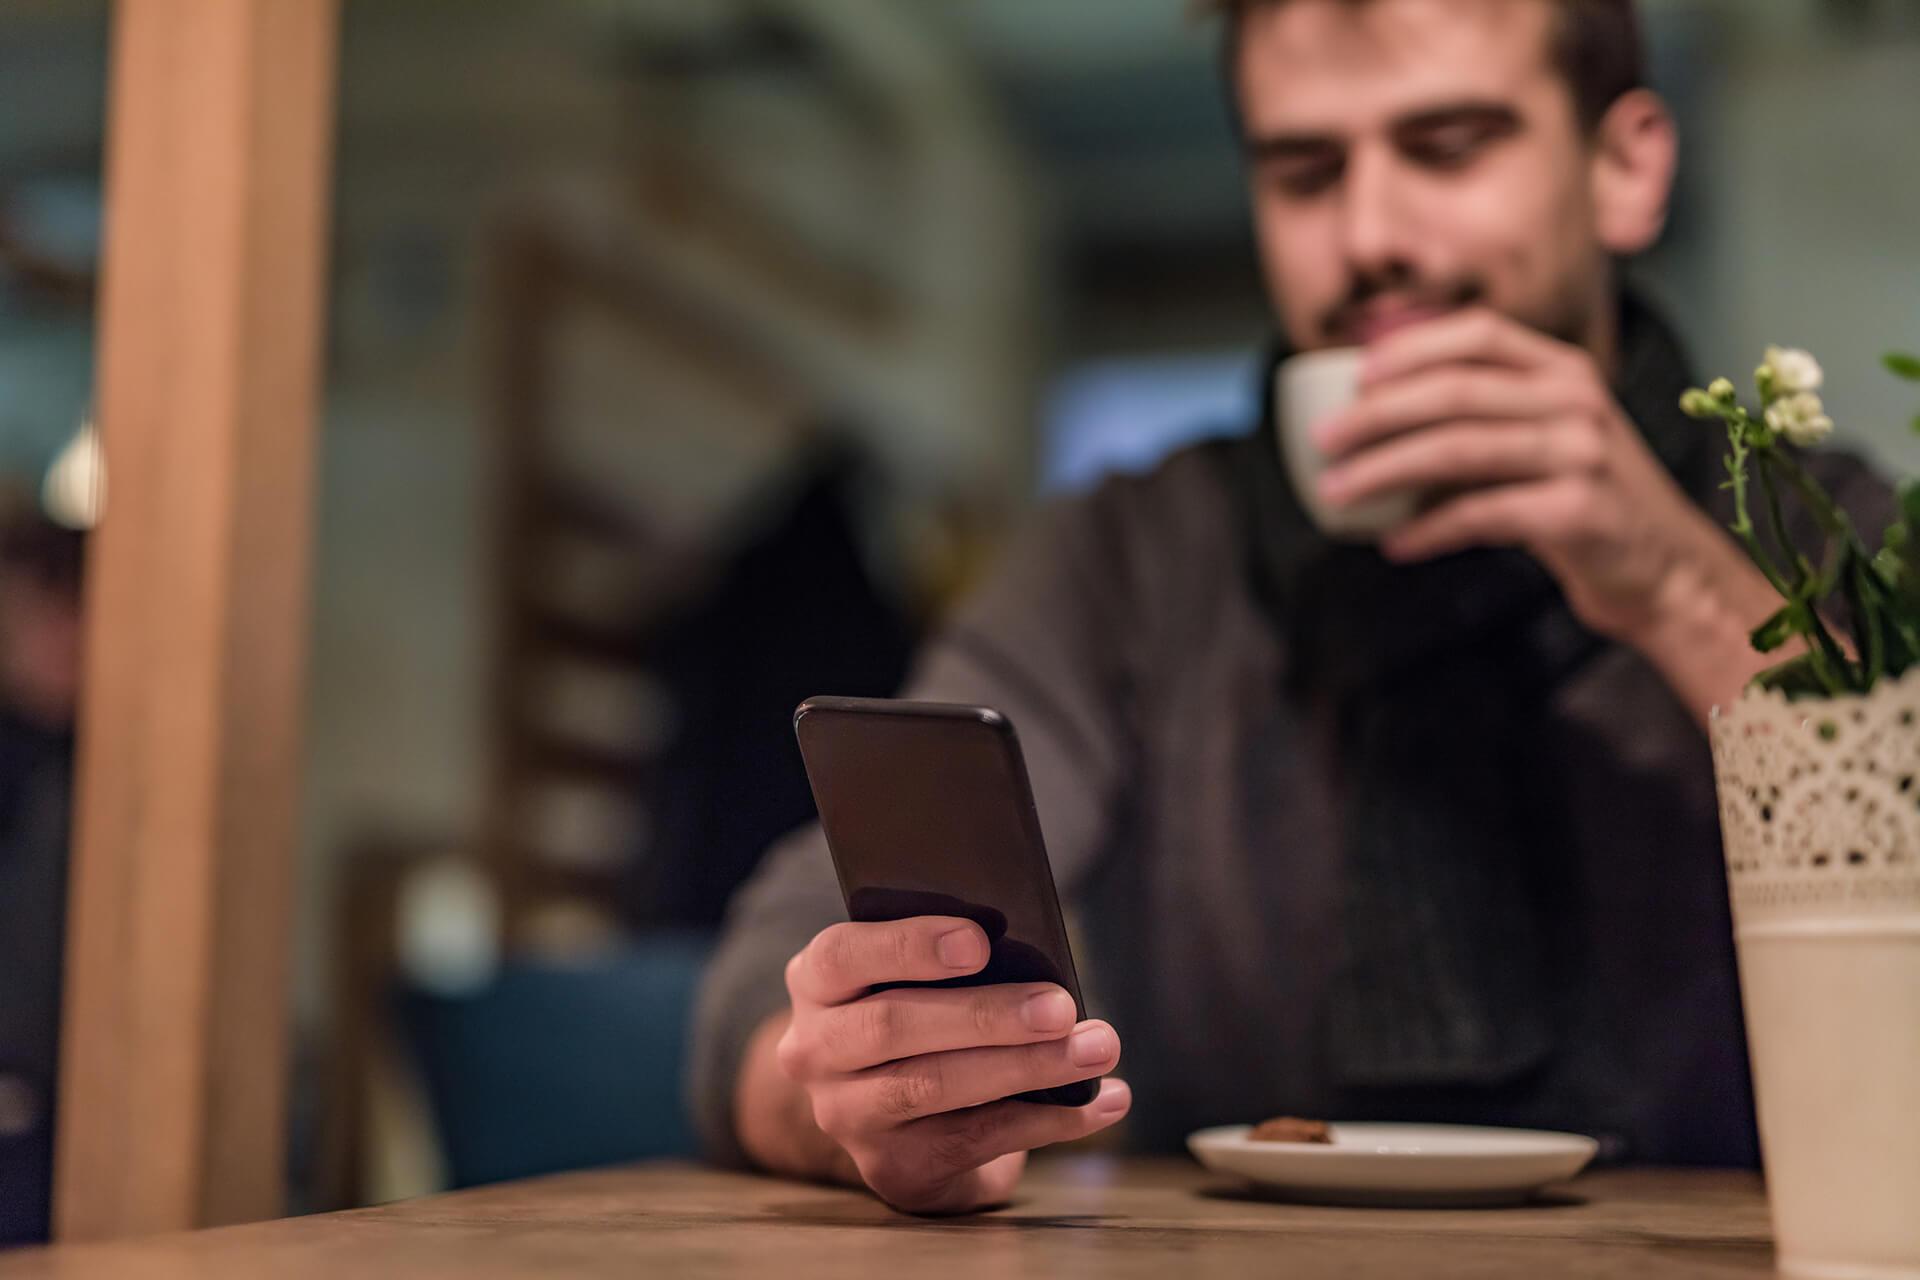 Mann sitzt im Café mit Handy